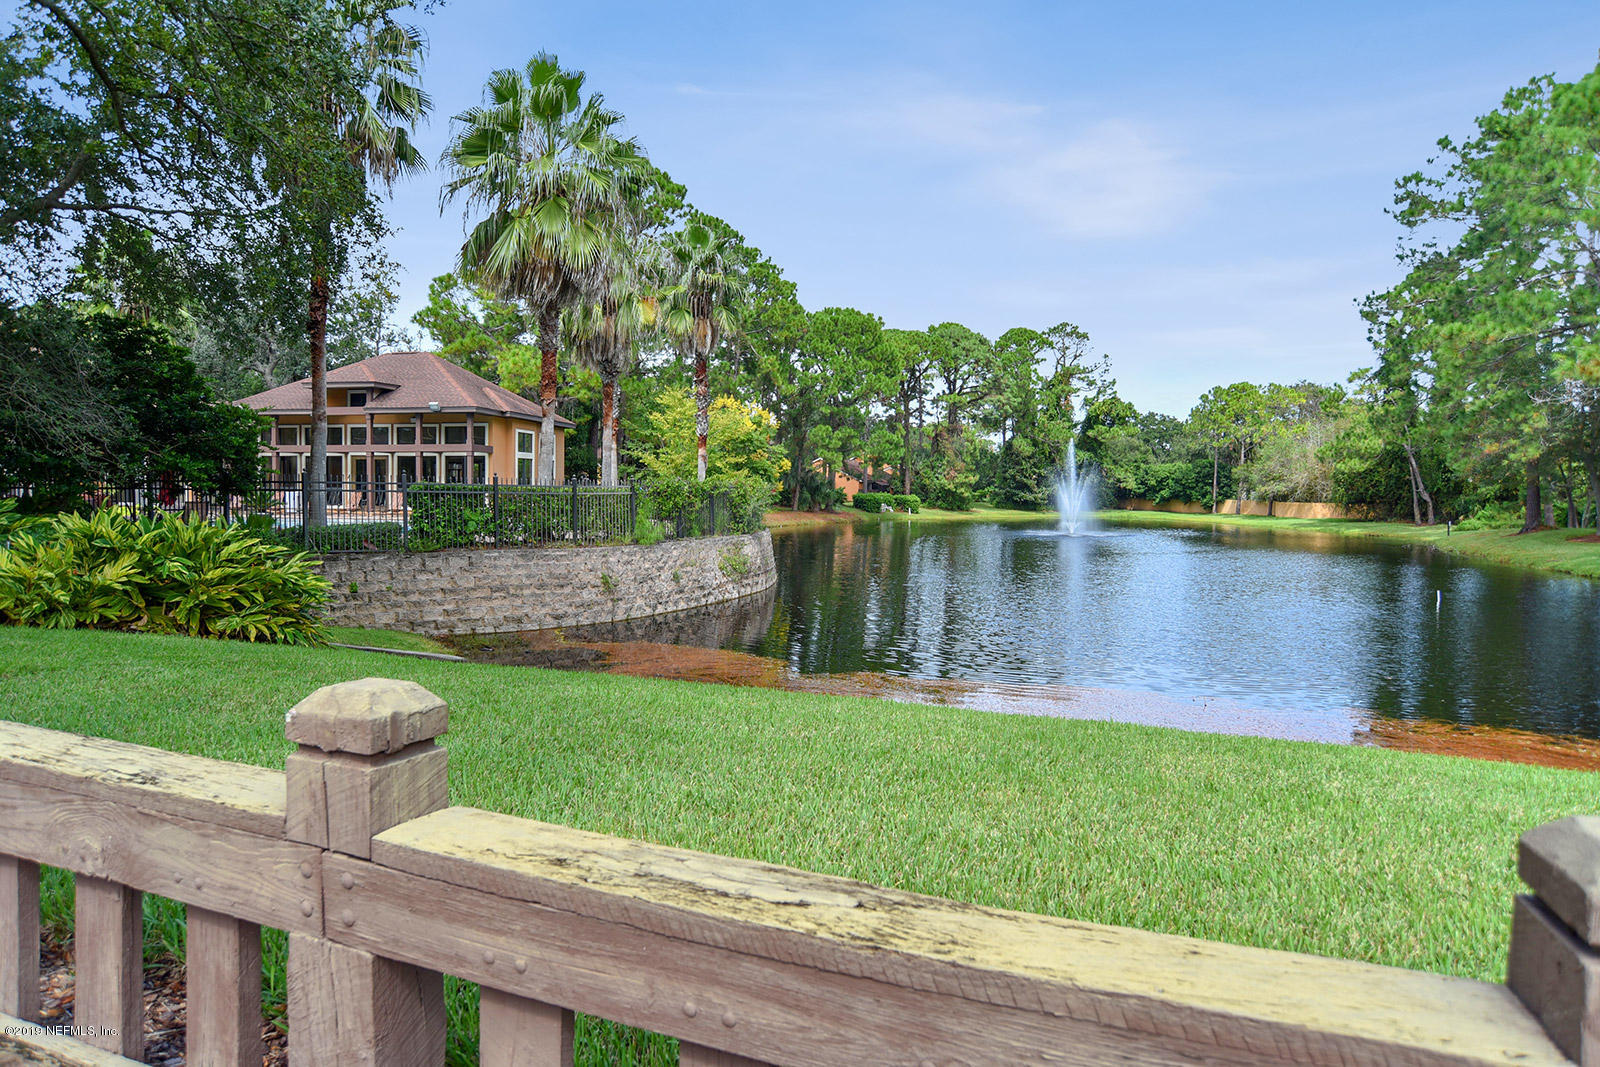 100 FAIRWAY PARK, PONTE VEDRA BEACH, FLORIDA 32082, 2 Bedrooms Bedrooms, ,2 BathroomsBathrooms,Condo,For sale,FAIRWAY PARK,1019088